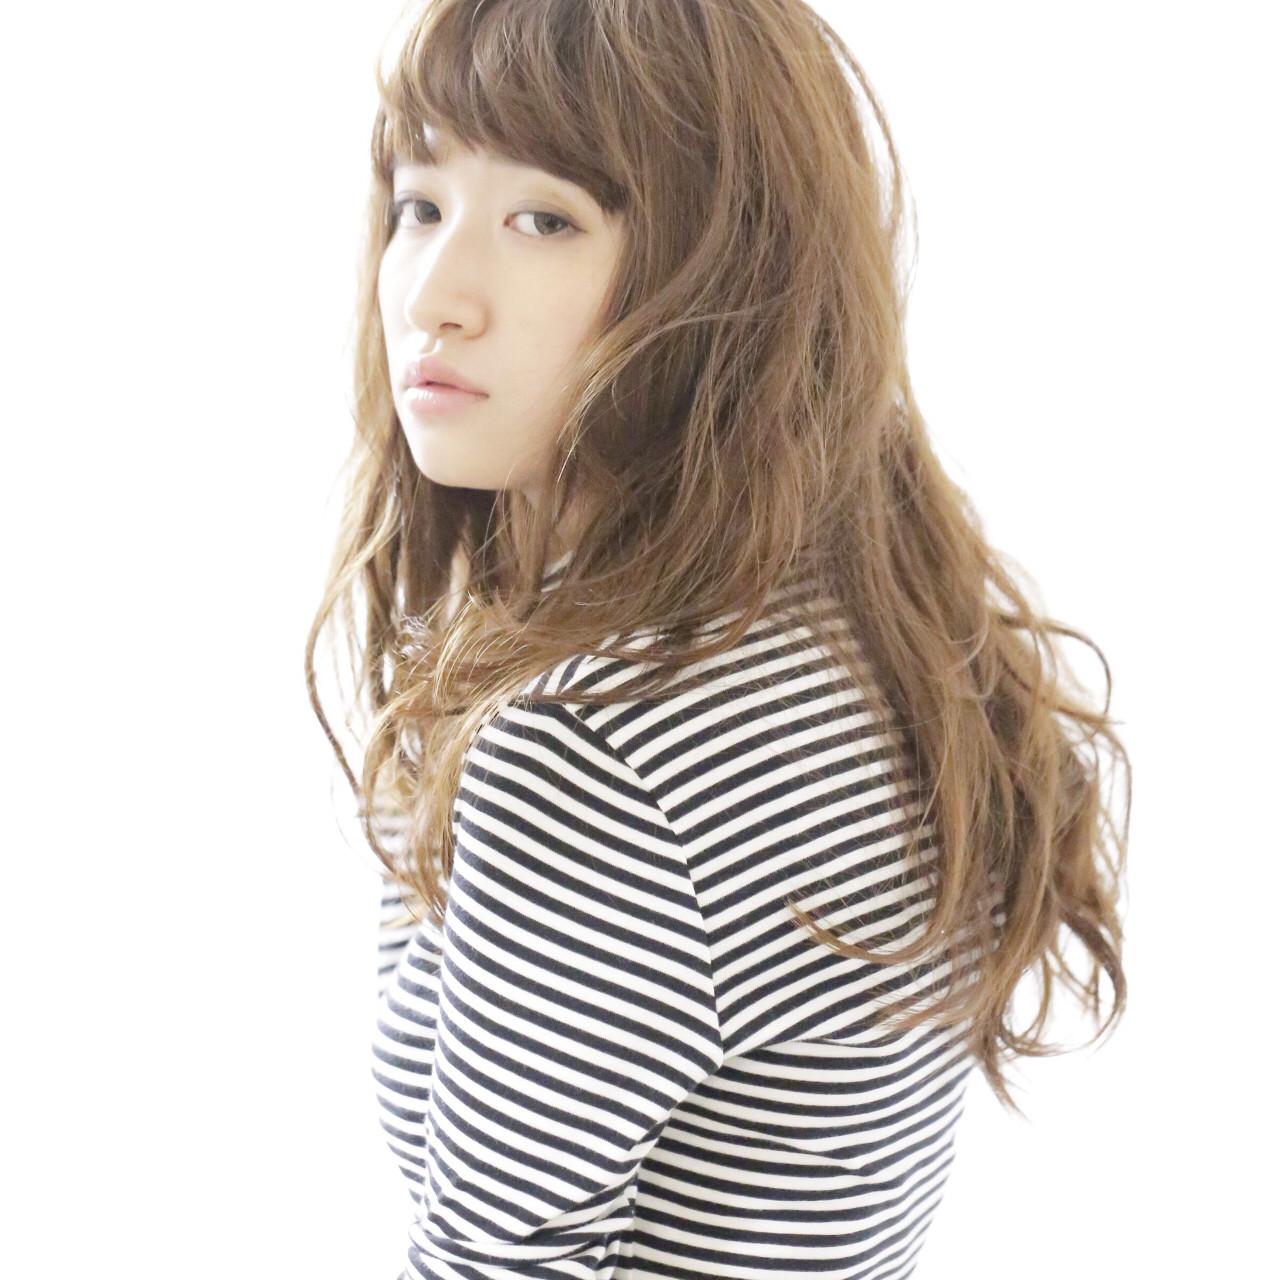 ゆるふわ ナチュラル 透明感 ウェーブ ヘアスタイルや髪型の写真・画像 | 川田 舞 / claude MONET 吉祥寺店